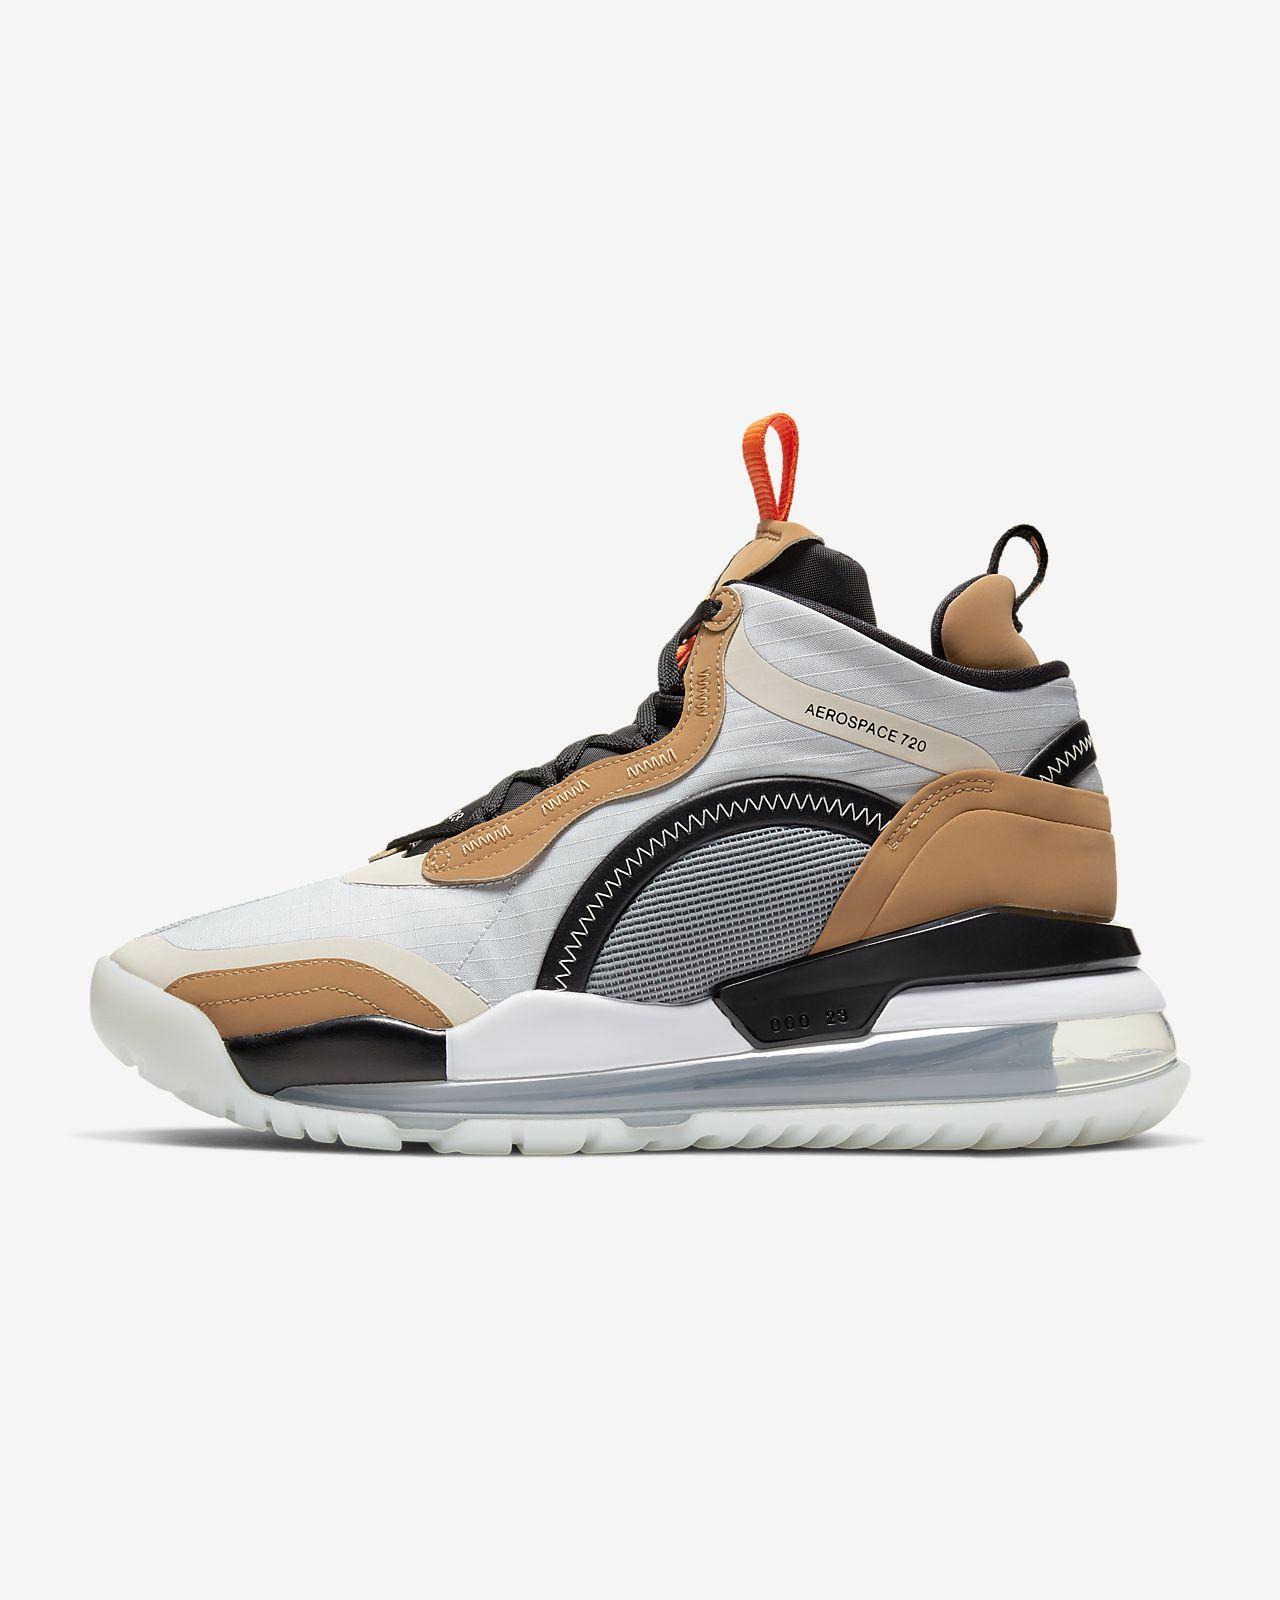 Jordan Aerospace 720 Men's Shoe